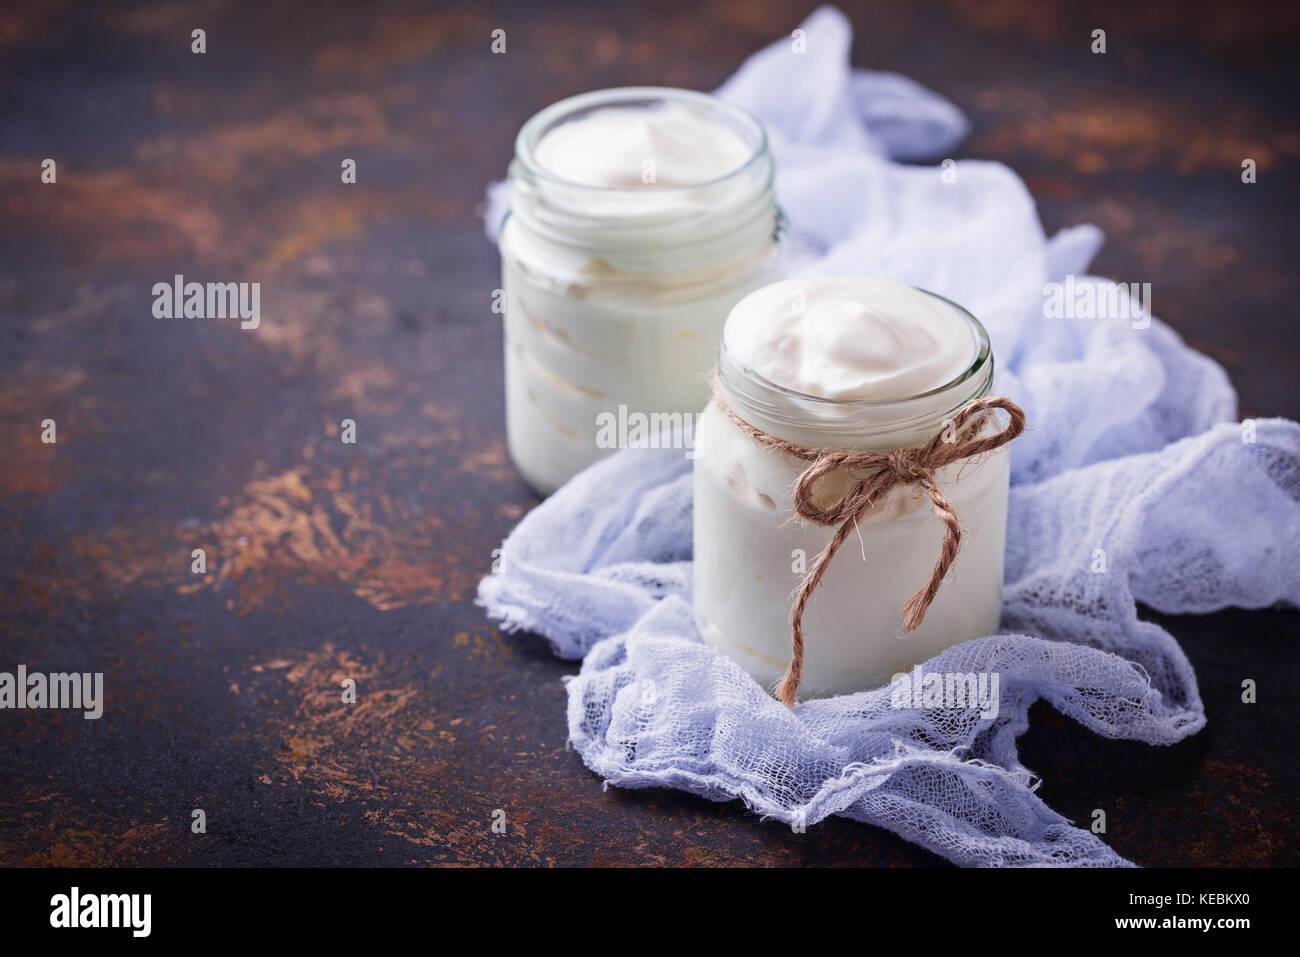 Yaourt grec naturel dans des bocaux en verre. Photo Stock